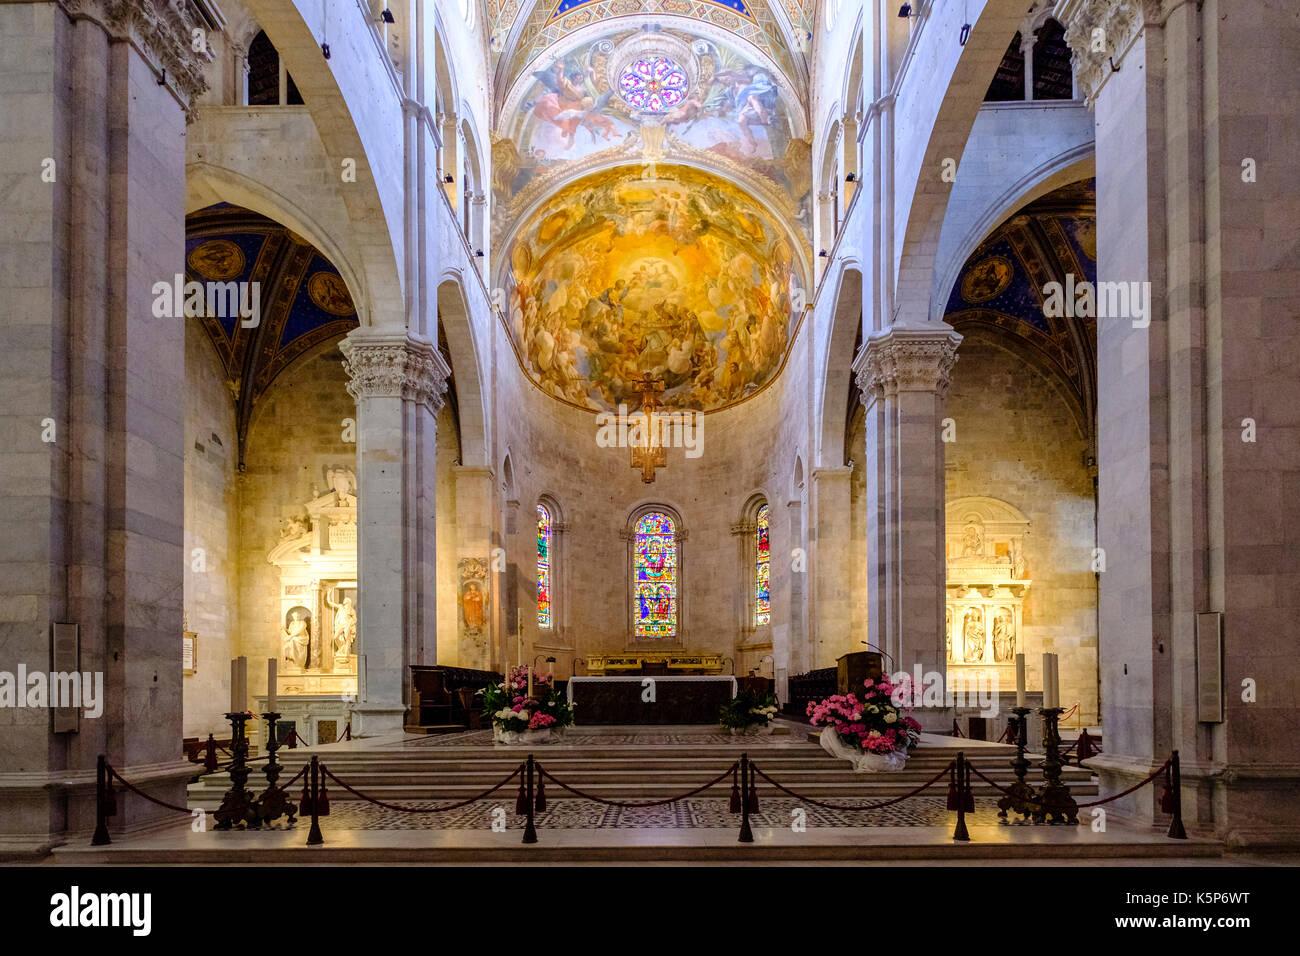 All Interno Della Cattedrale Di Lucca Duomo Di Lucca Cattedrale Di San Martino Foto Stock Alamy